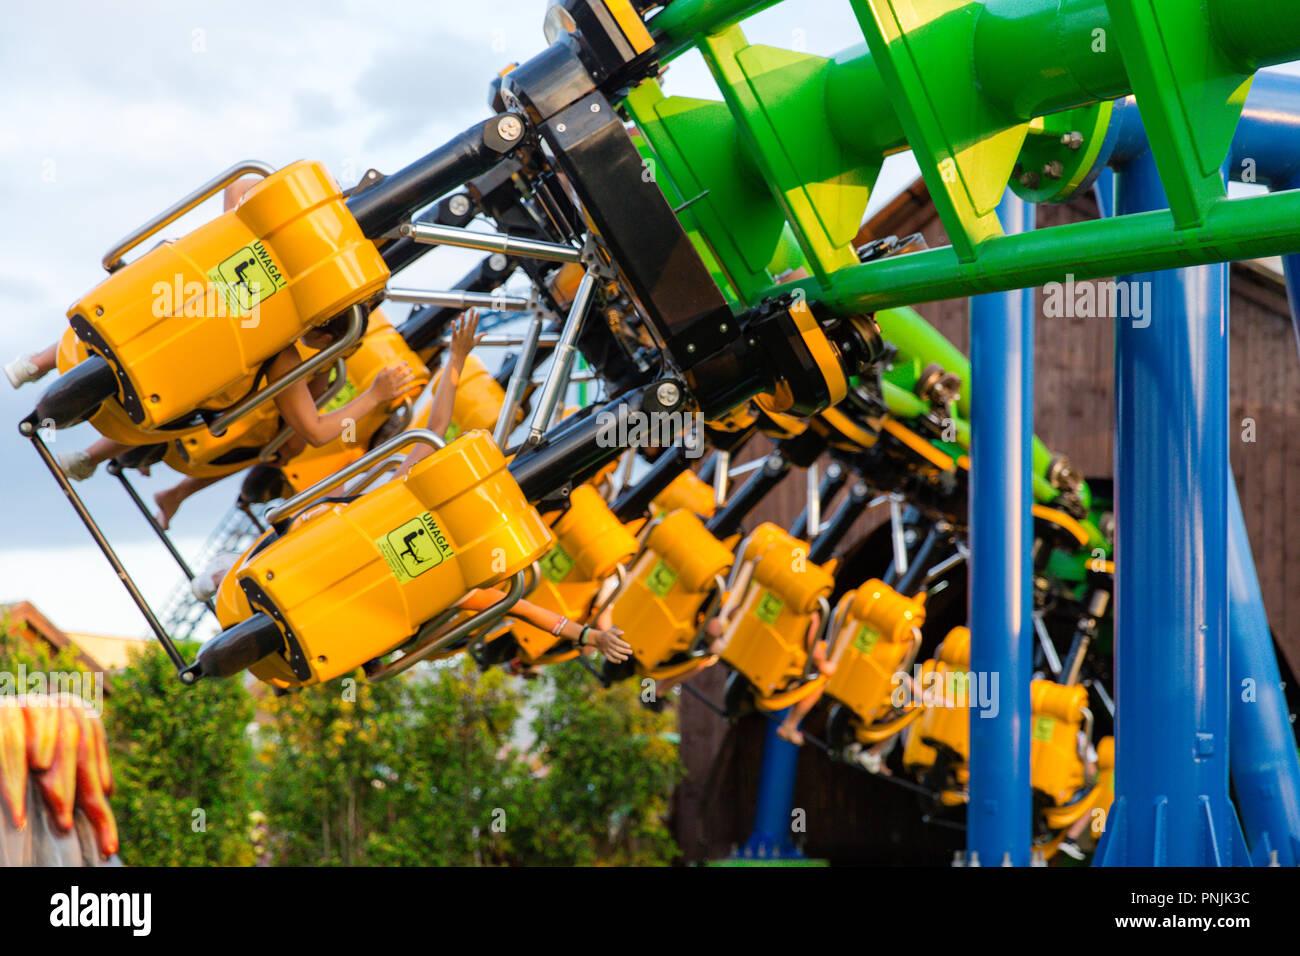 energylandia-the-largest-amusement-park-